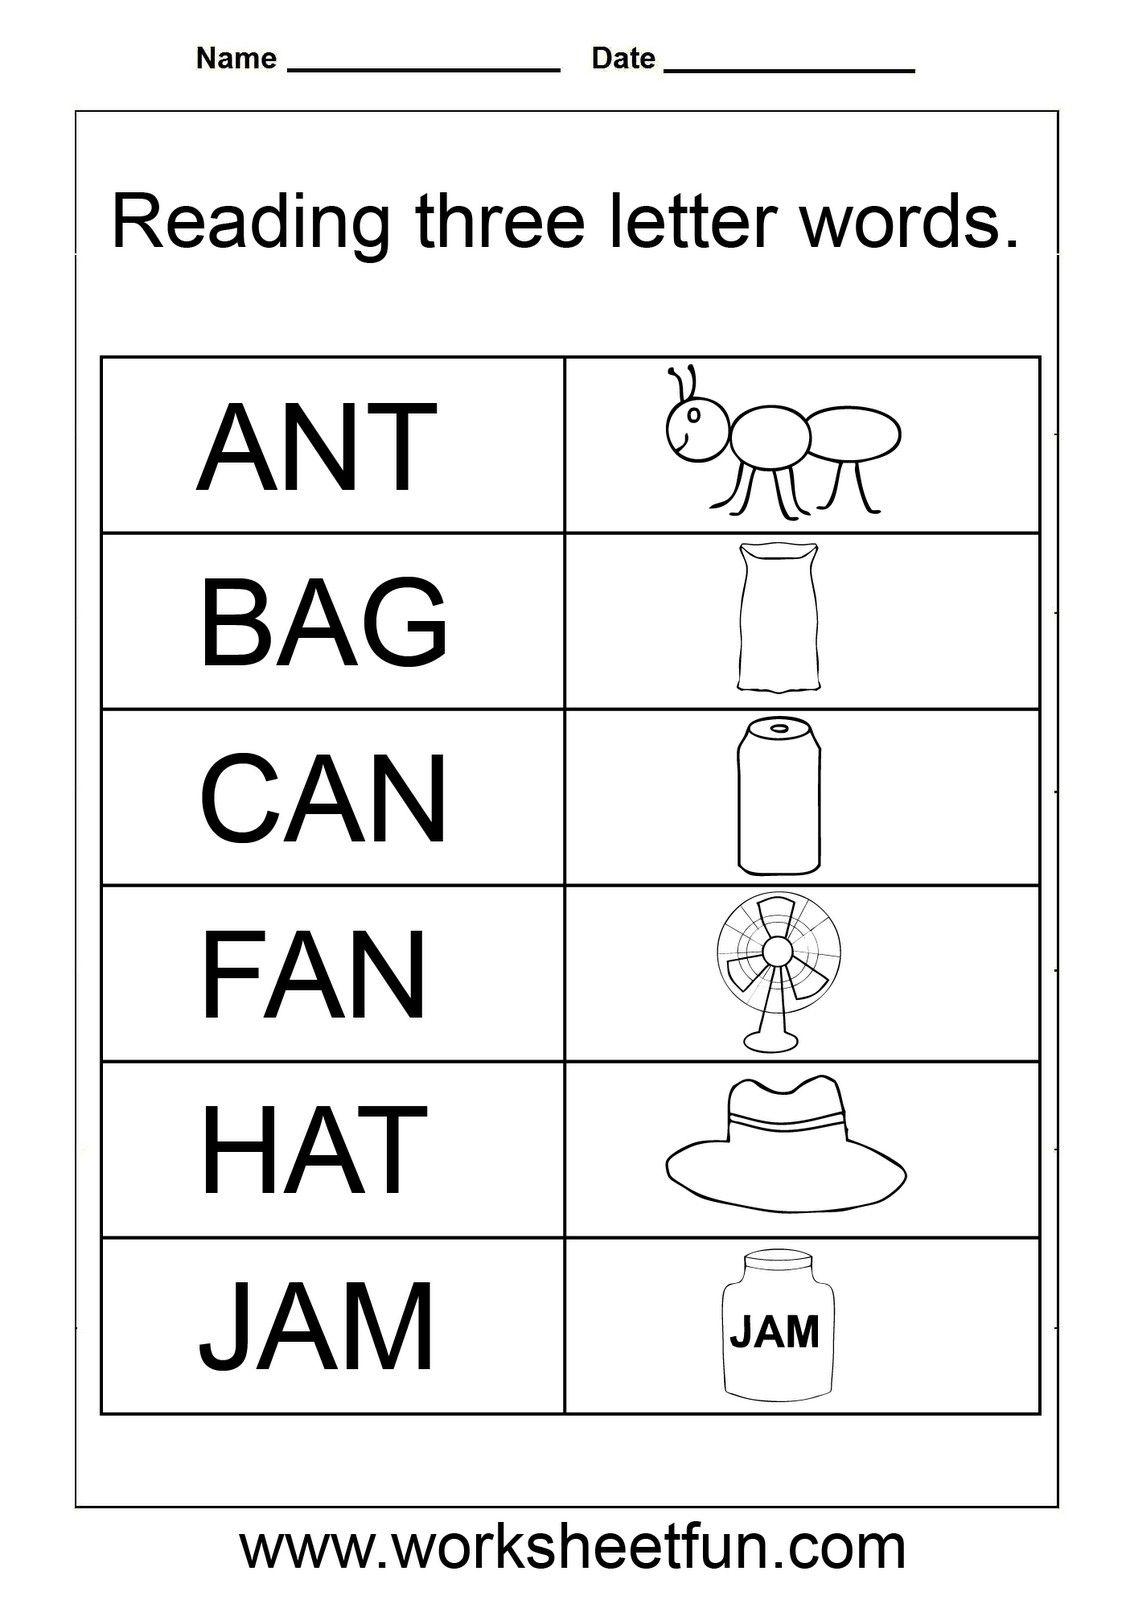 4 Worksheet Spelling Worksheets First Grade 1 Missing